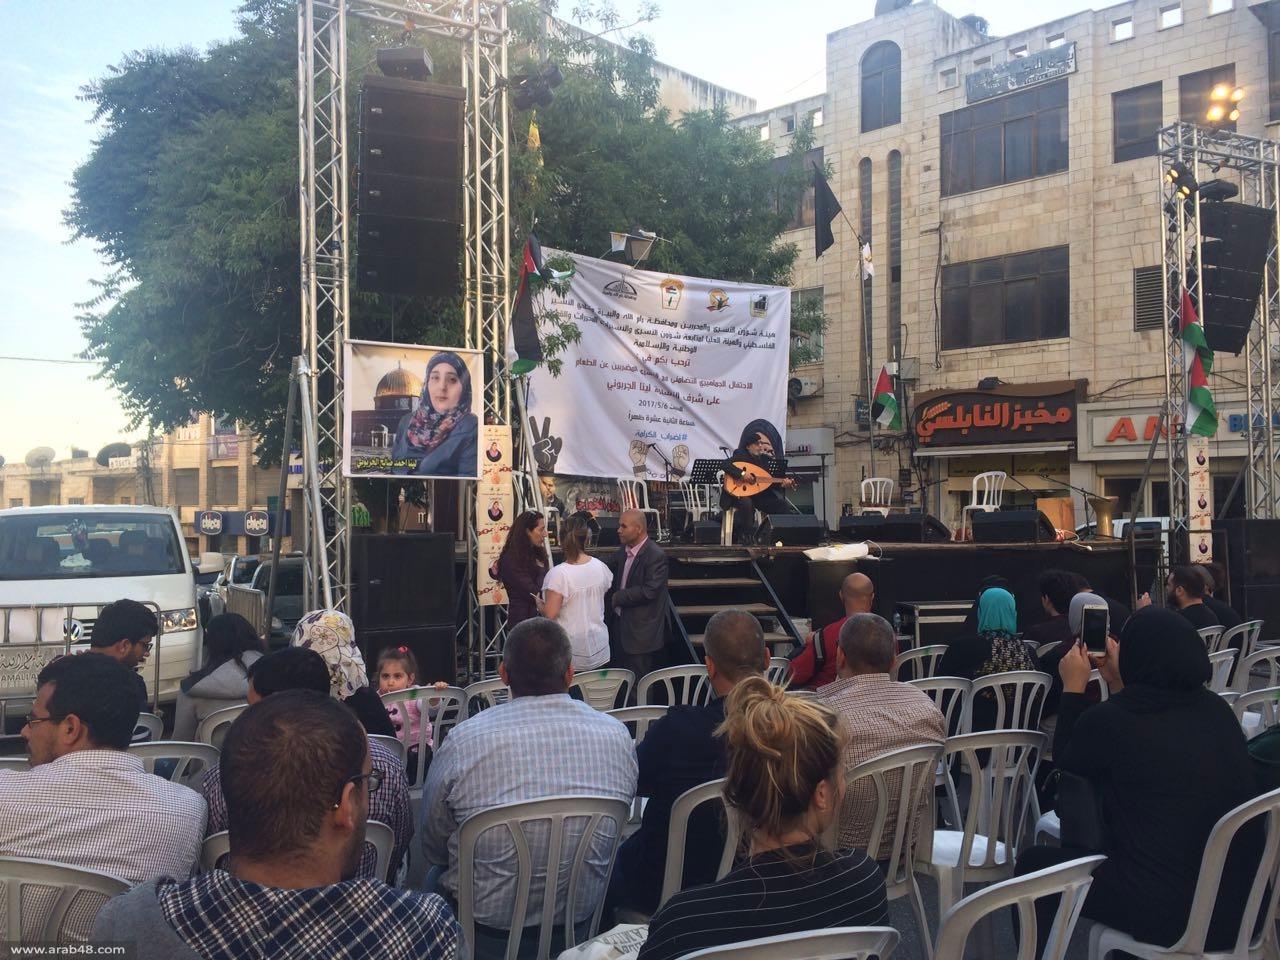 رام الله: أهازيج وأغاني وطنية إسنادا للأسرى وعوائلهم